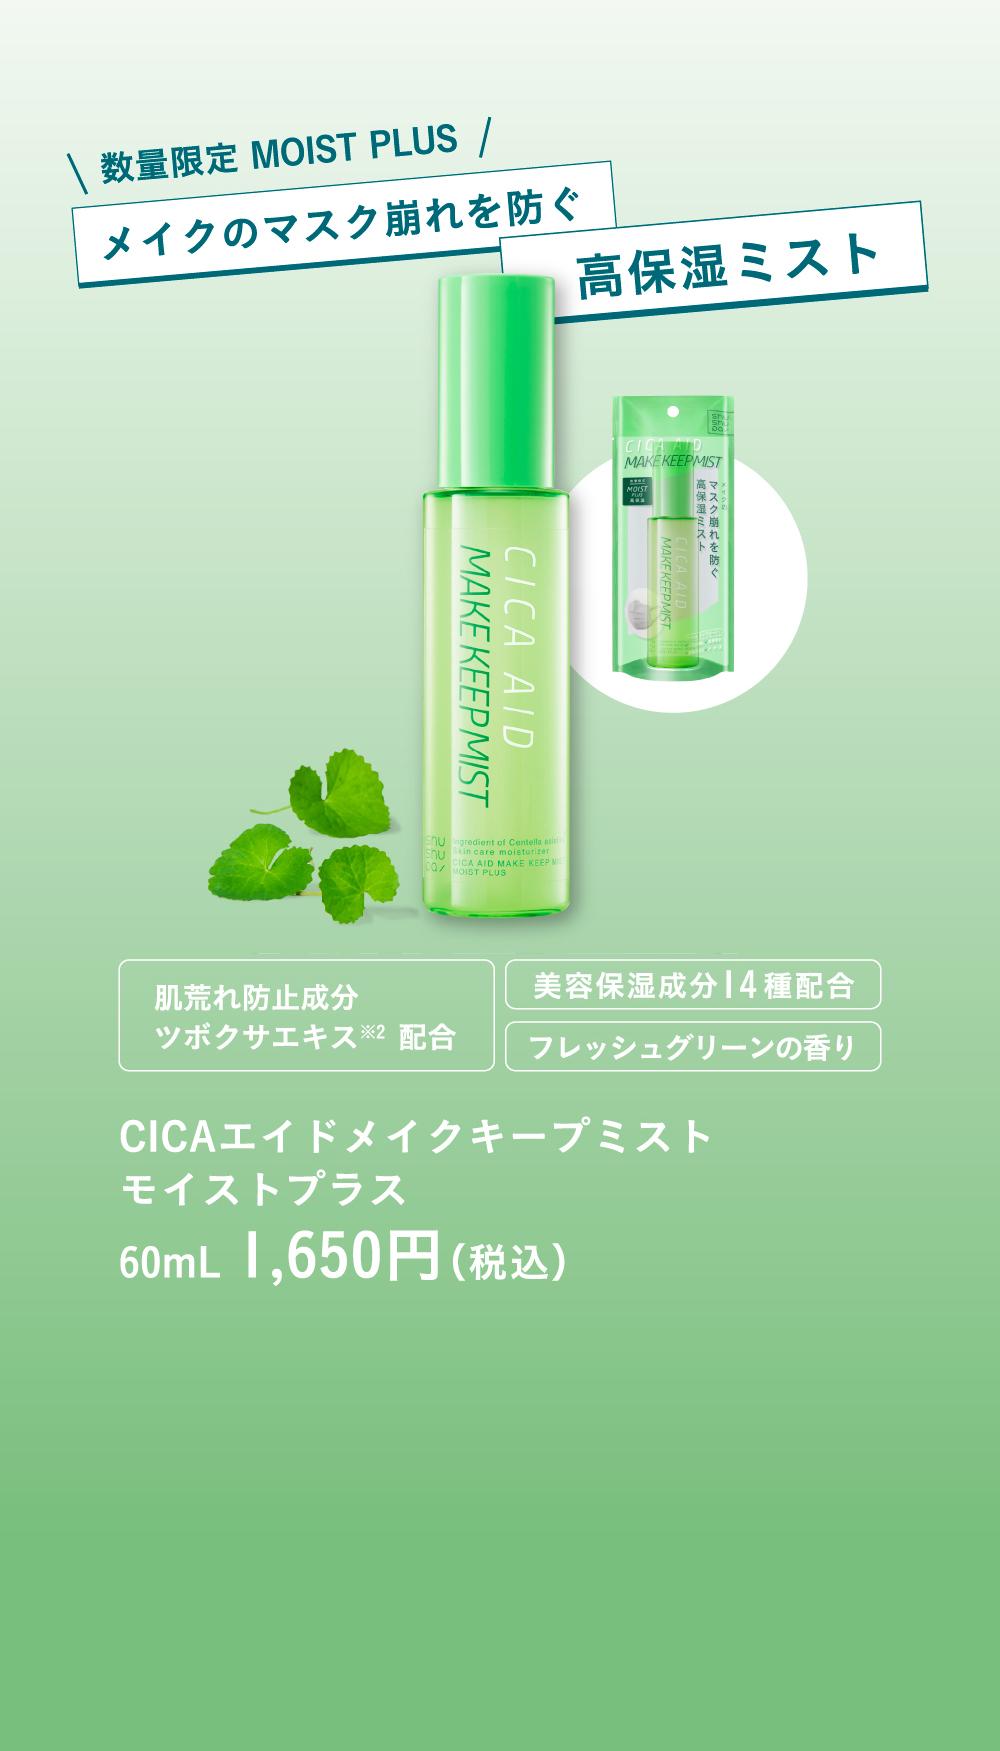 CICAエイドメイクキープミスト モイストプラス 60mL 1,650円(税込)